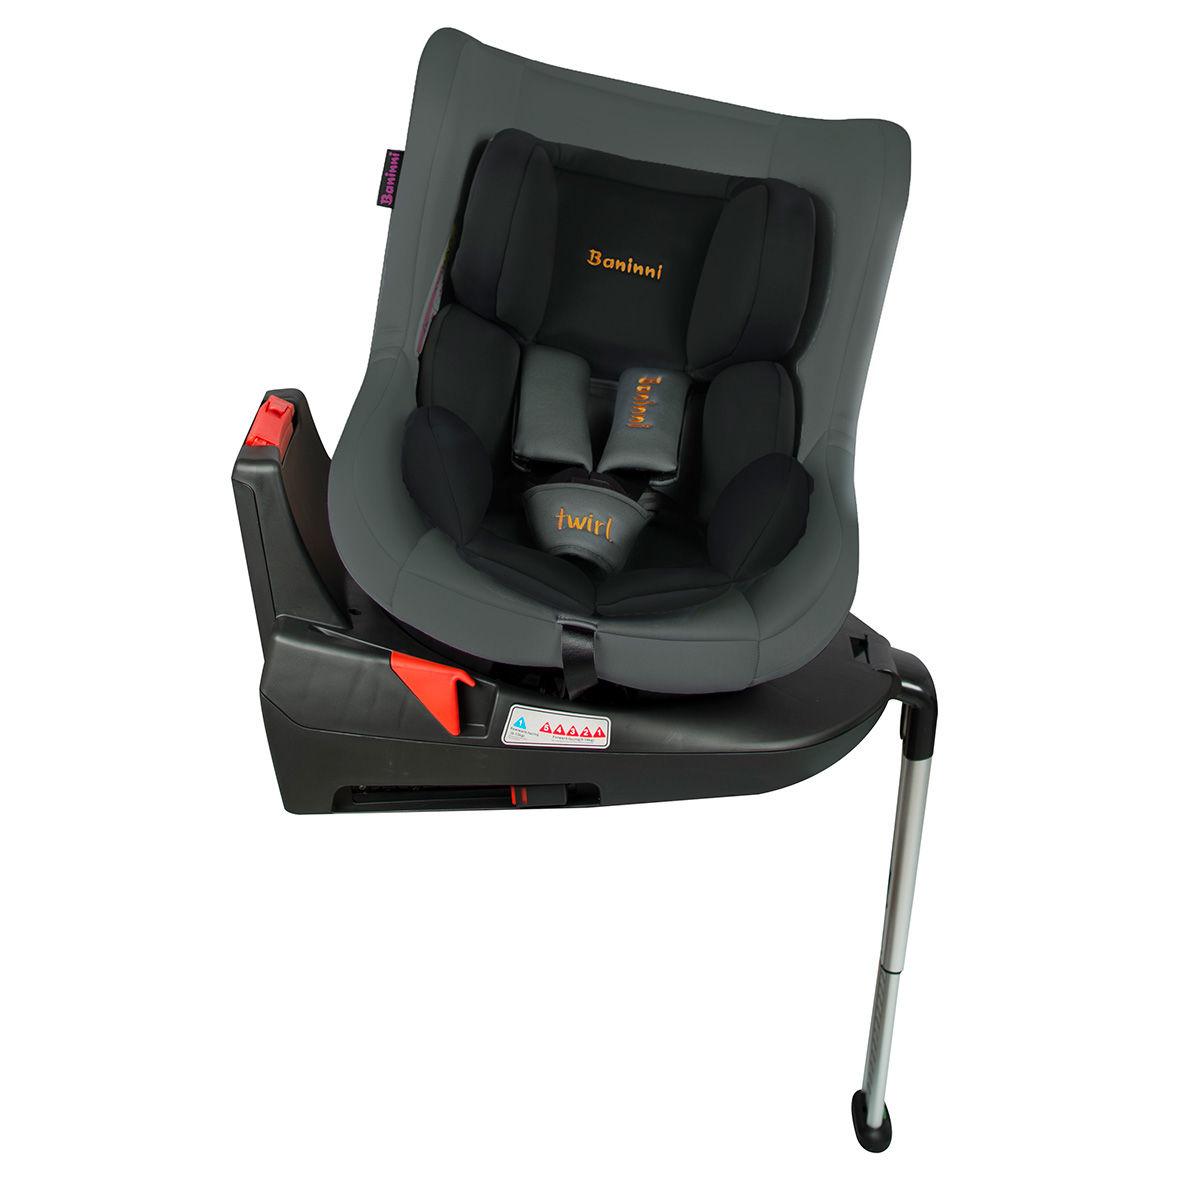 Afbeelding van Autostoel Baninni Twirl 360 met Isofix Black-Gray (0-18kg)